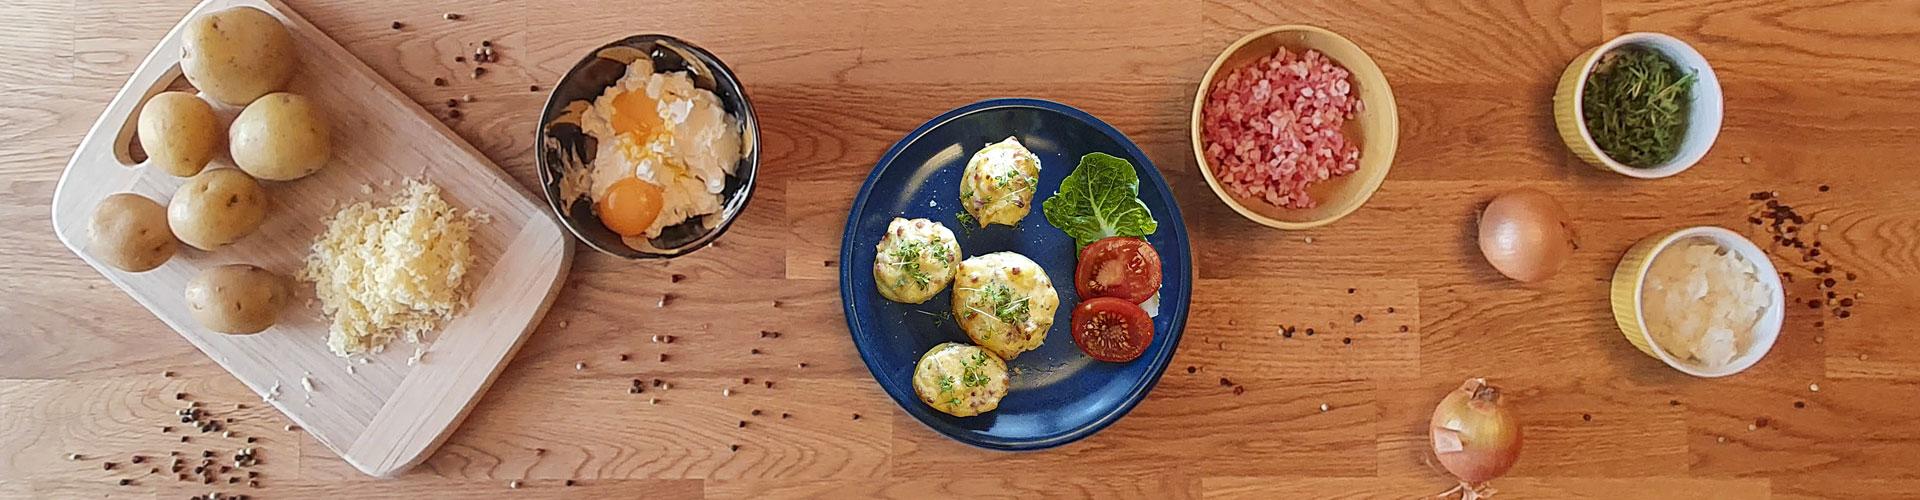 Käse-Schinken-Ofenkartoffeln - Dein Rezept auf Rezept-Buch.de